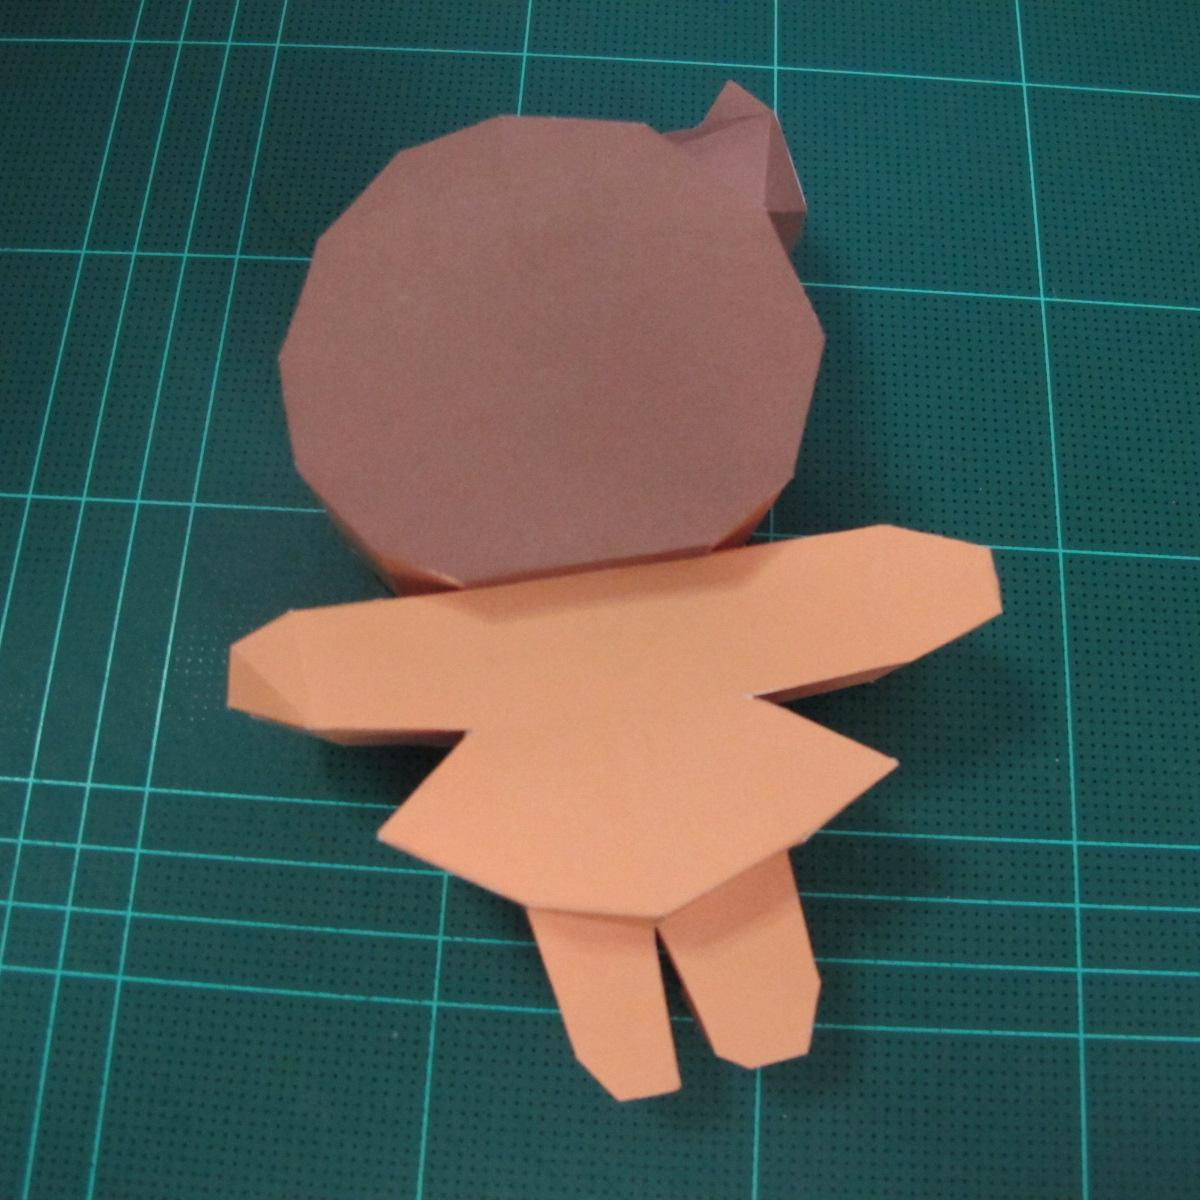 วิธีทำโมเดลกระดาษตุ้กตา คุกกี้สาวผู้ร่าเริง จากเกมส์คุกกี้รัน (LINE Cookie Run – Bright Cookie Papercraft Model) 025